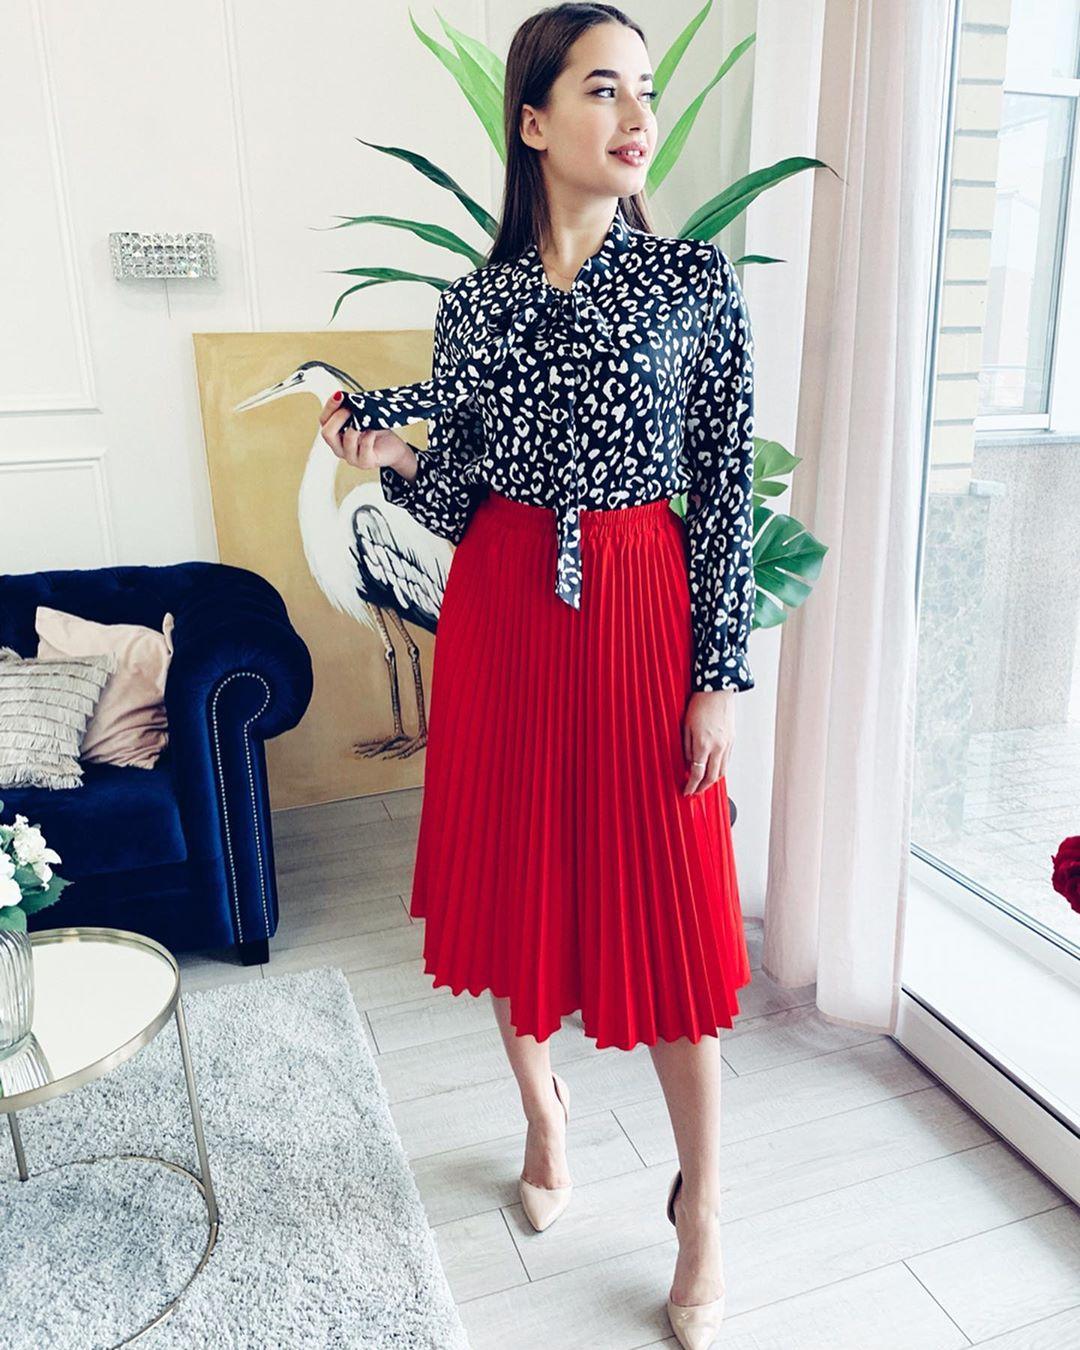 Красная юбка с блузой фото 11